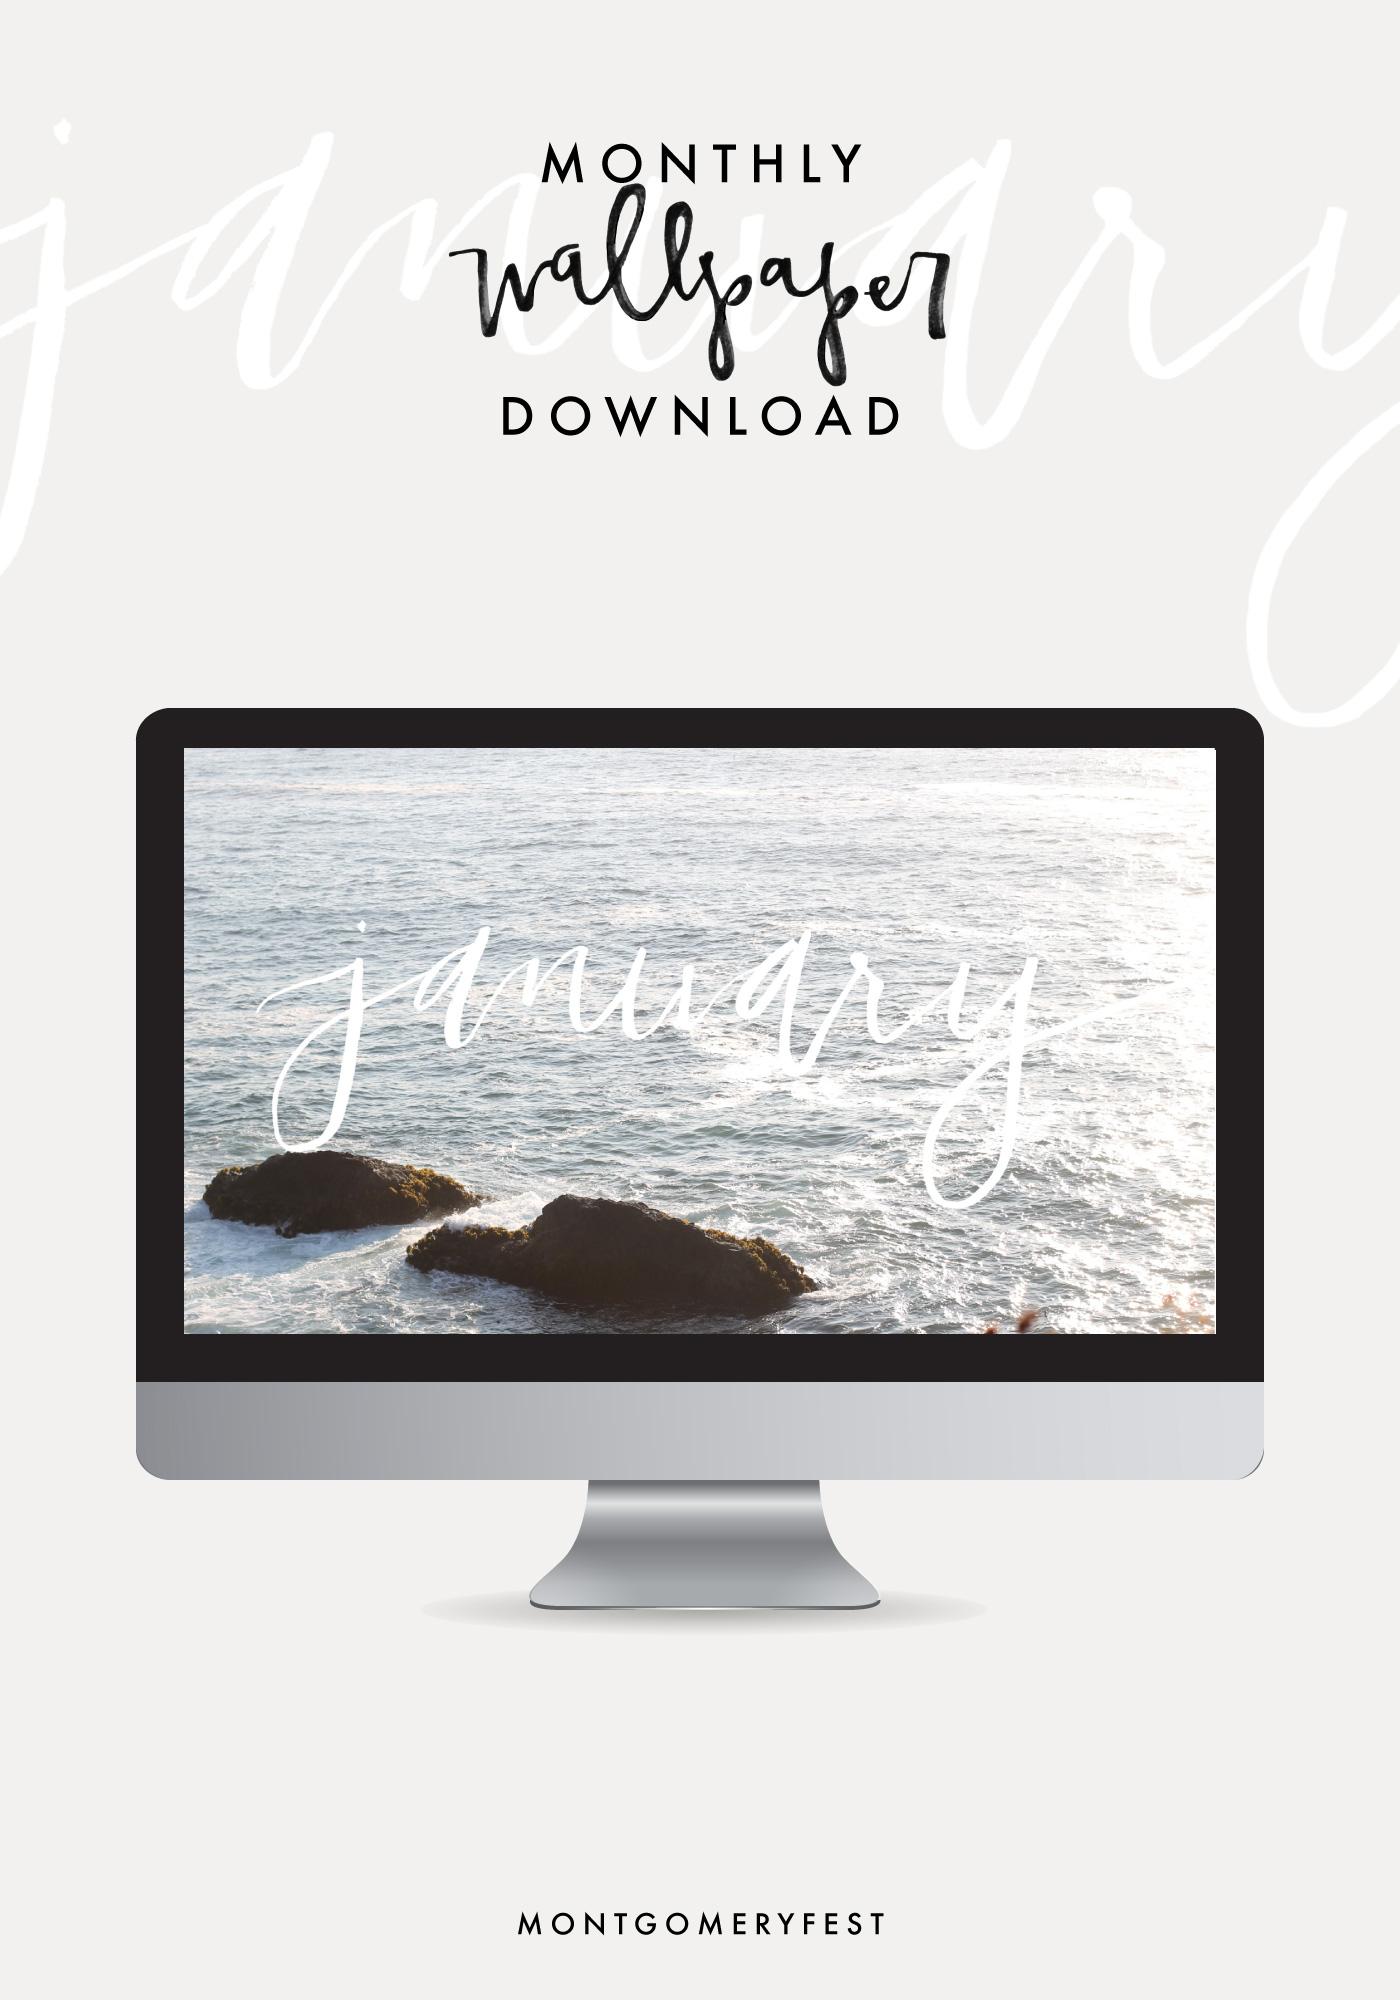 january-wallpaper-download.jpg